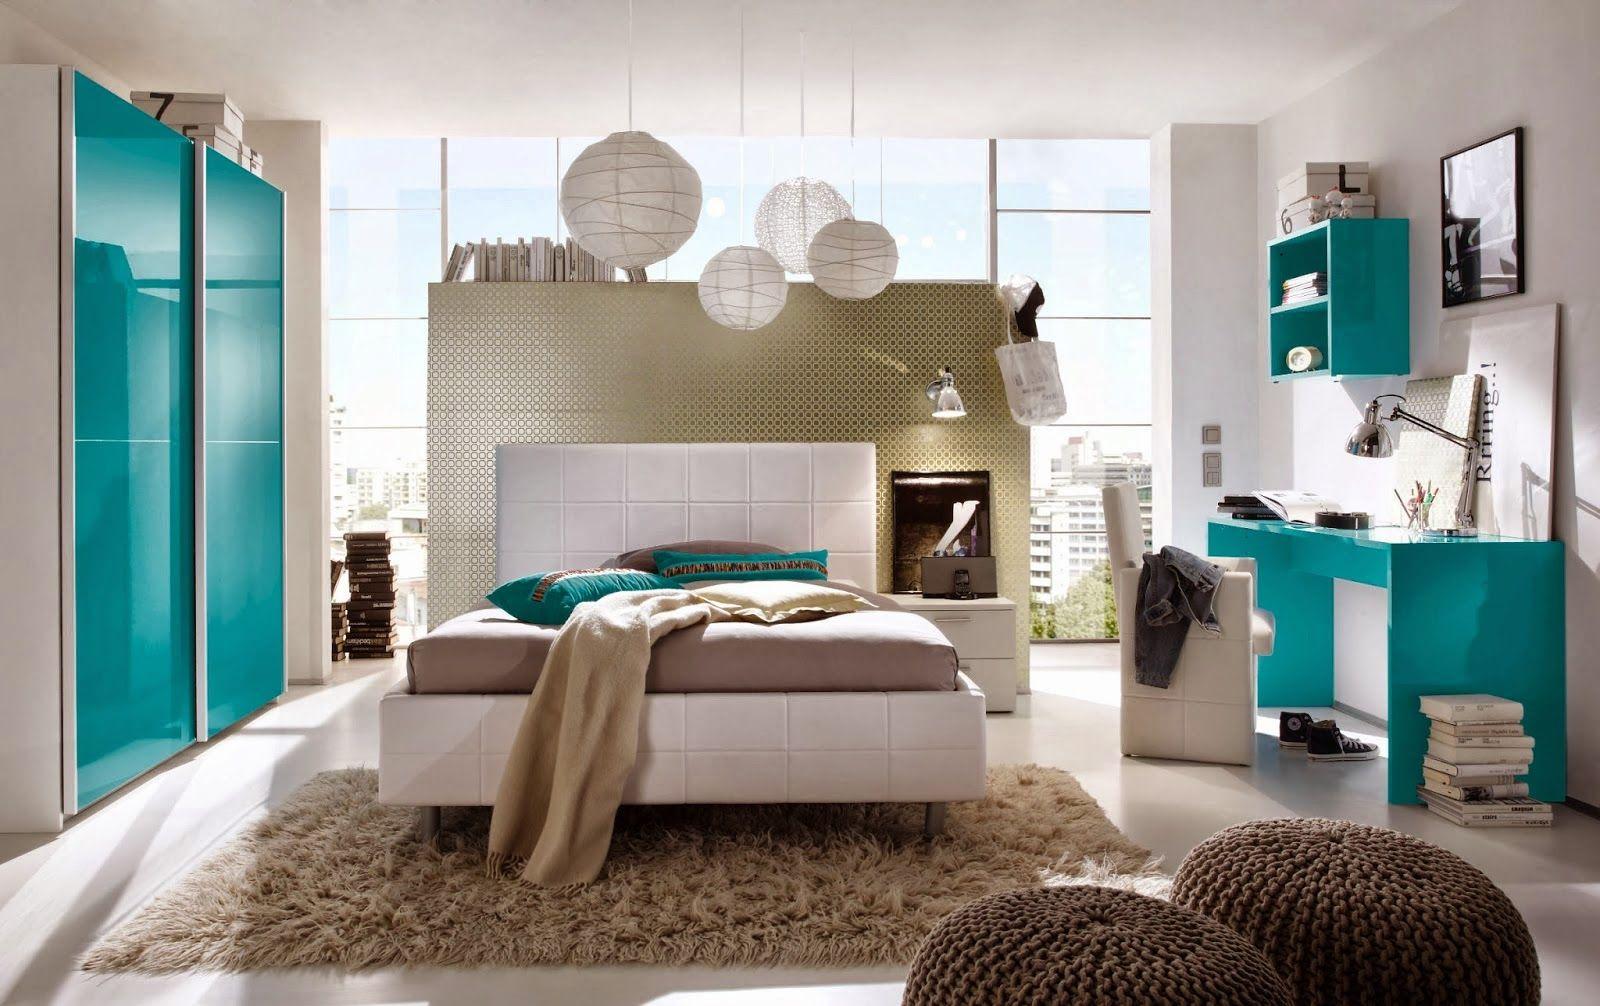 Dormitorios y habitaciones decoraci n y dise o de - Color habitacion juvenil ...